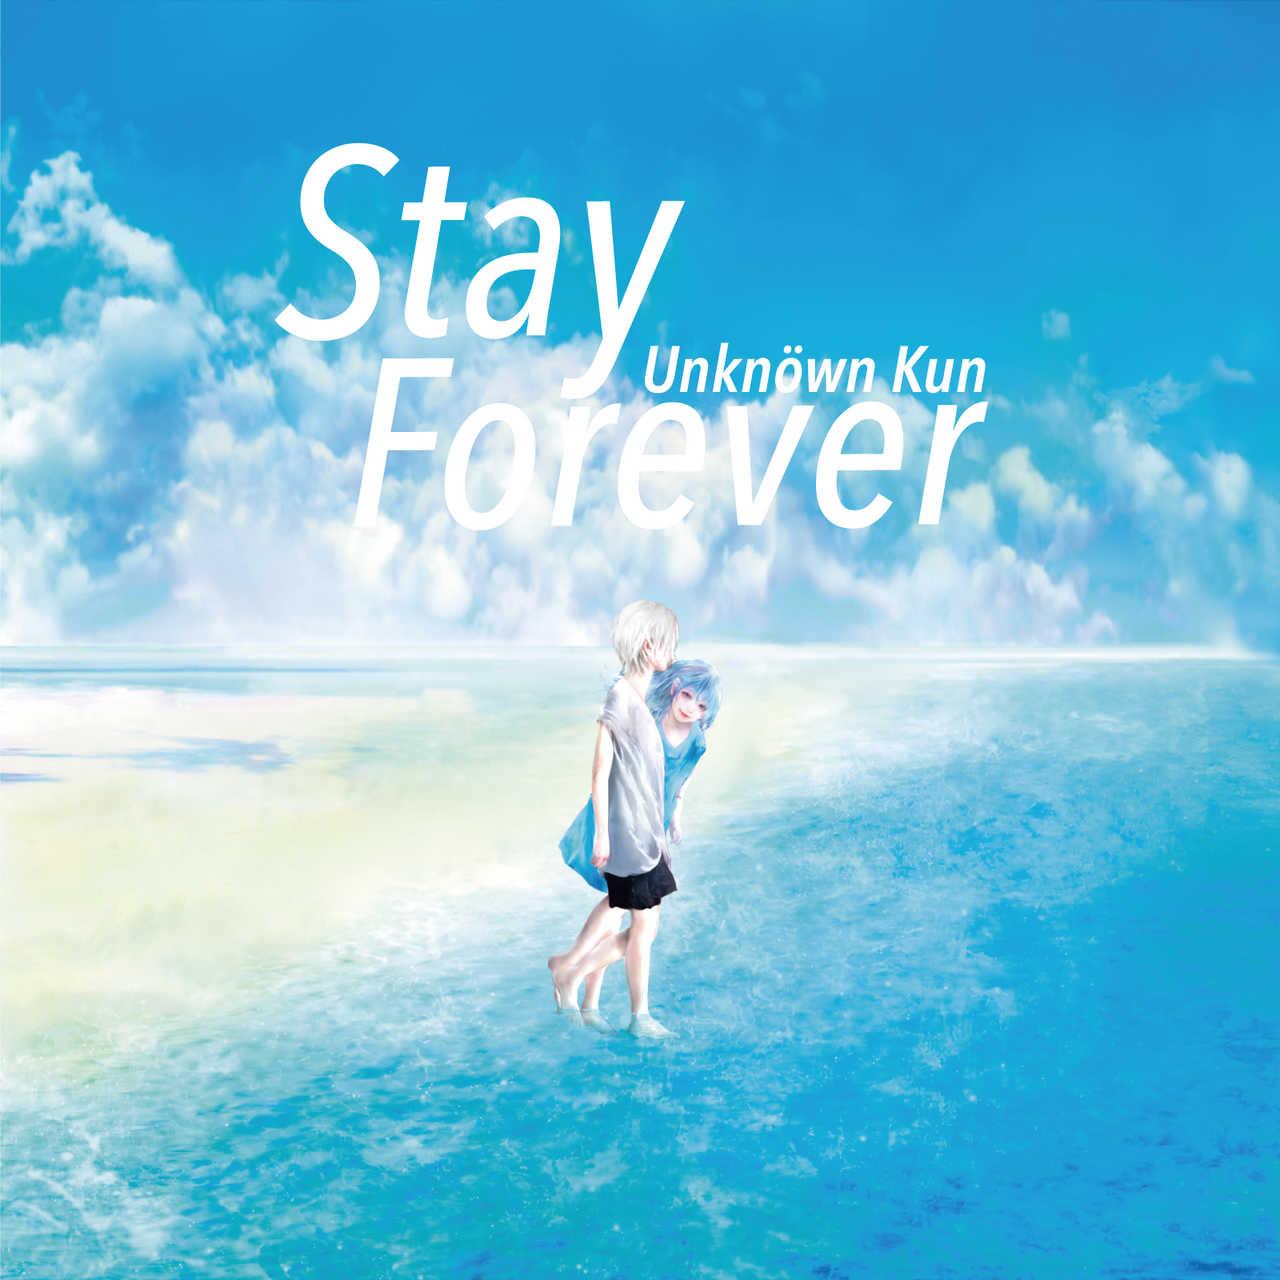 シングル「Stay Forever」